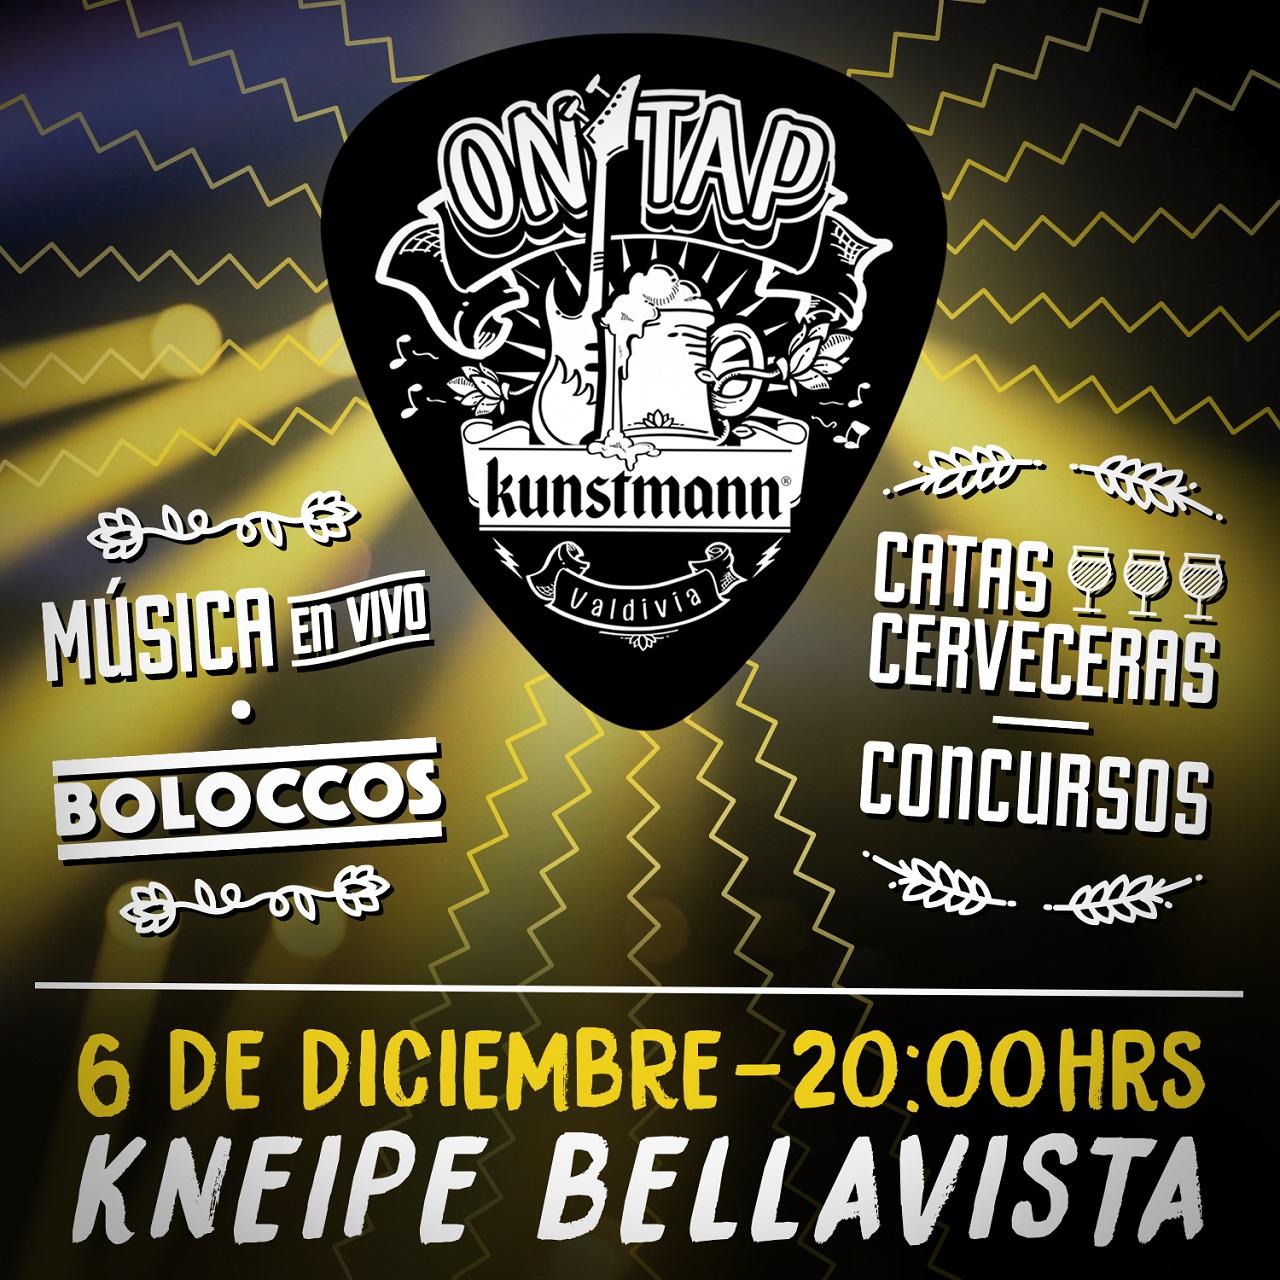 Kunstmann On Tap: catas cerveceras y música en vivo se tomarán las tardes de Bellavista